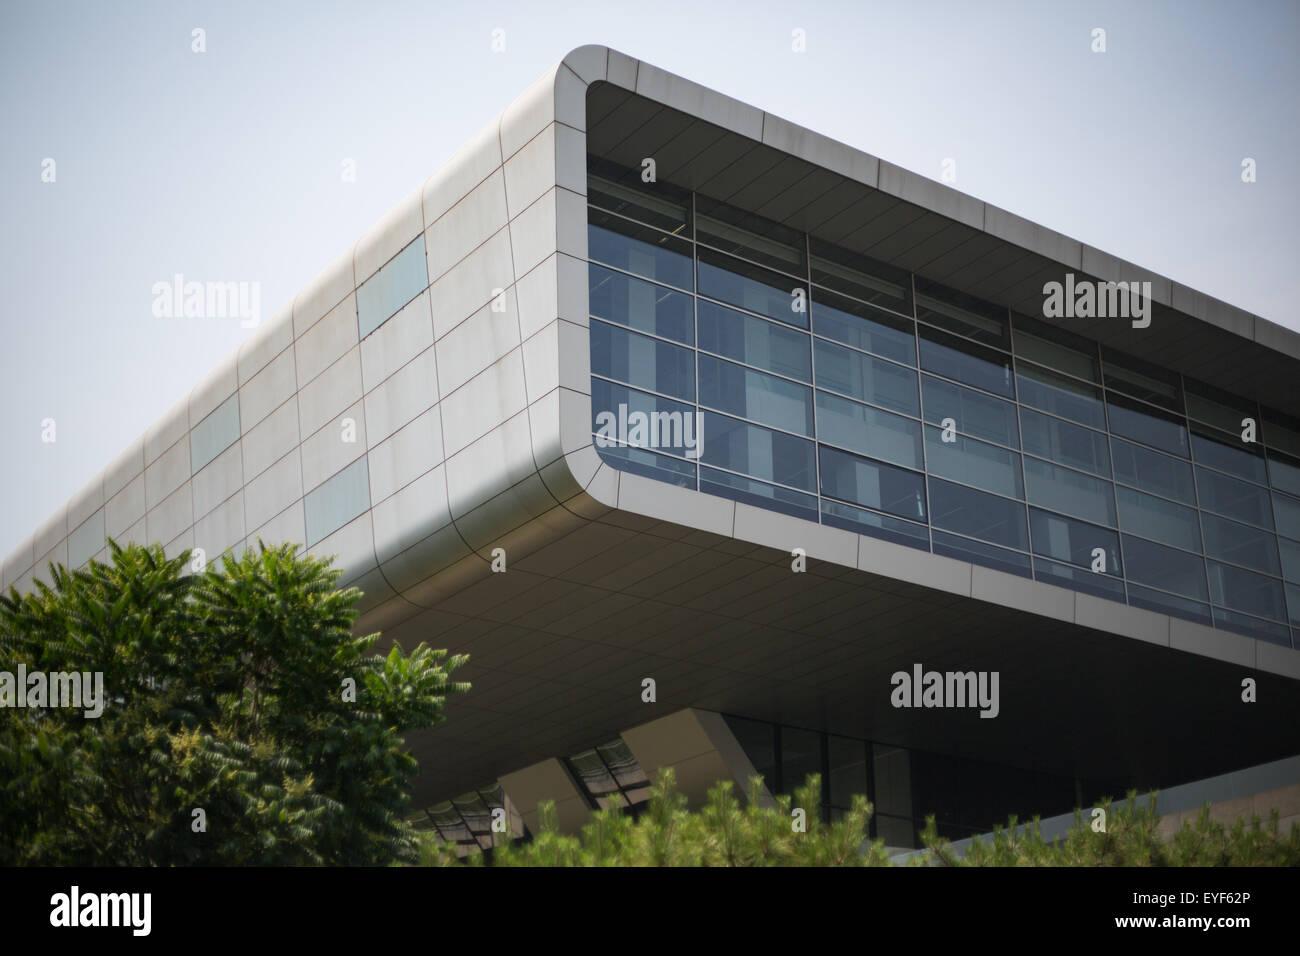 Nationalbibliothek in Peking, China, von deutschen Architekten KSP Jürgen Engel Architekten entworfen. Stockbild